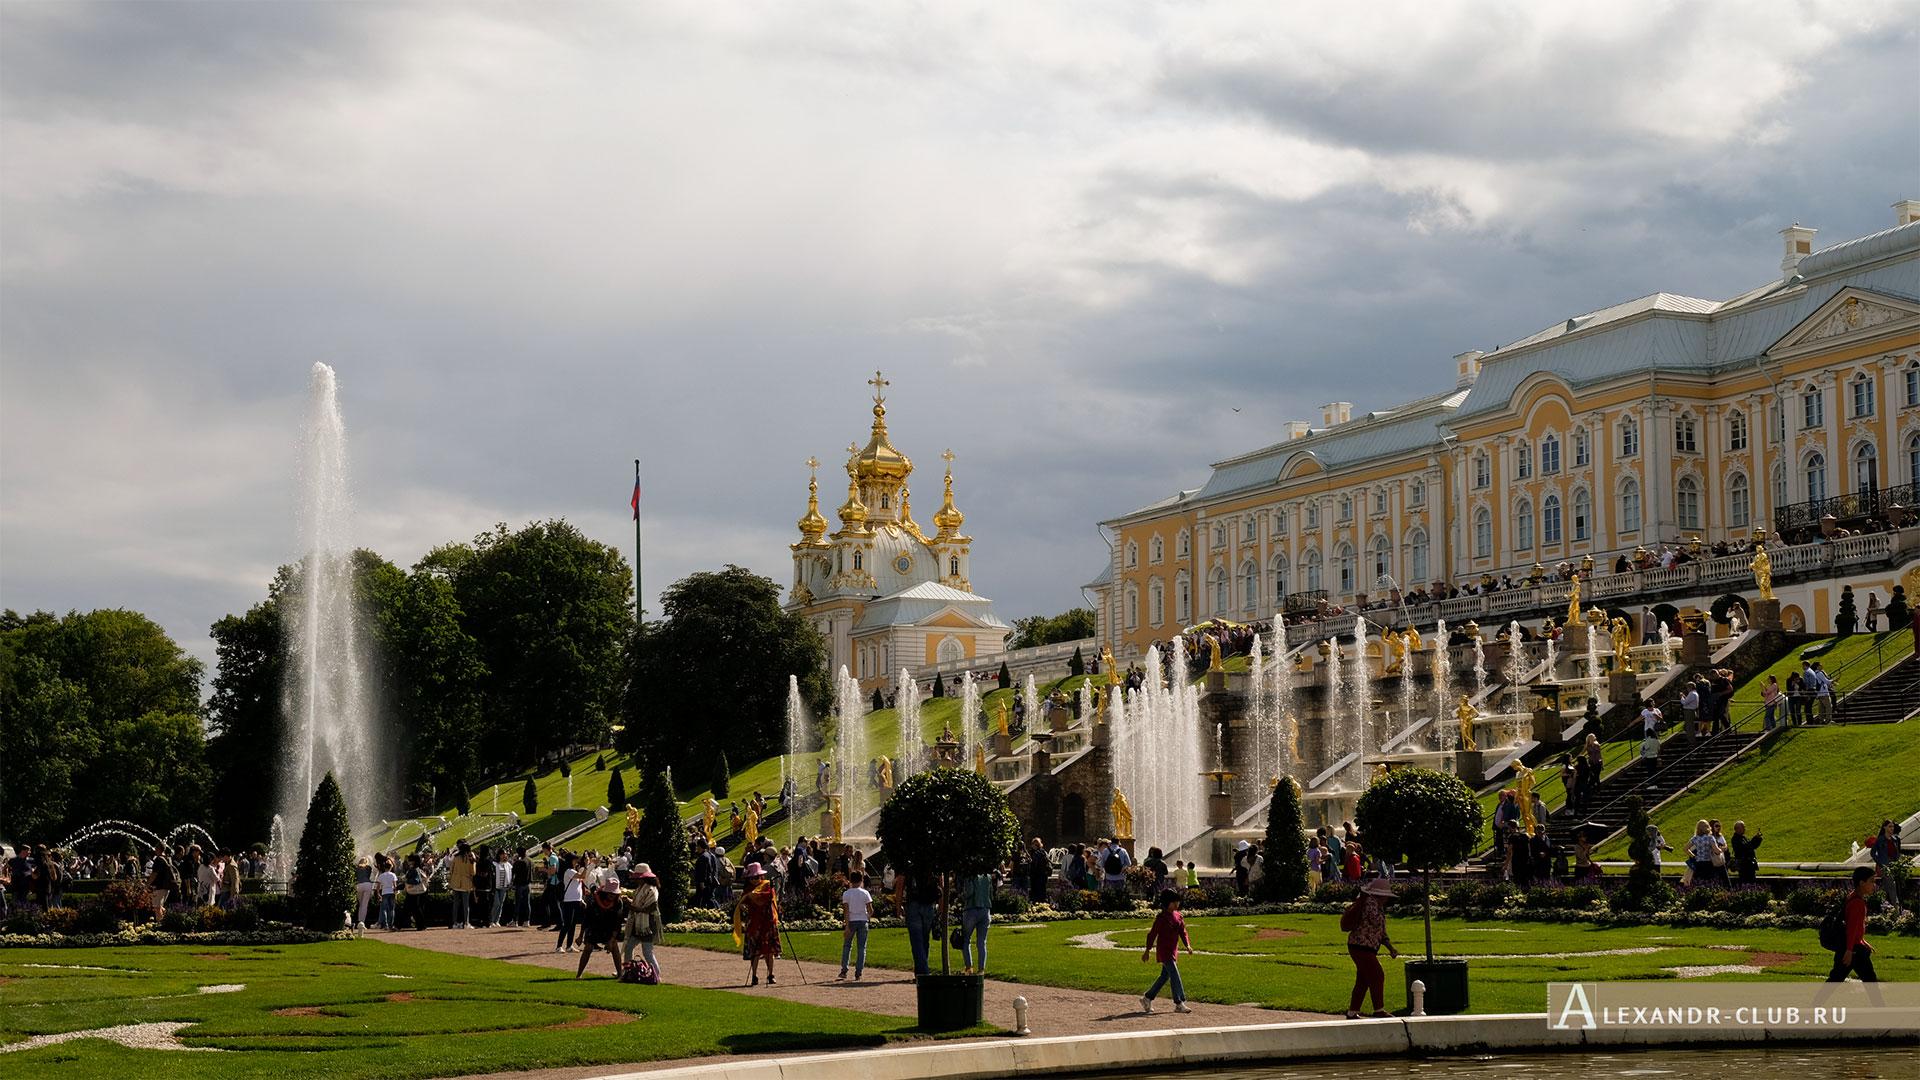 Петергоф, лето, Нижний парк, Большой петергофский дворец, фонтан «Большой каскад», Церковный корпус